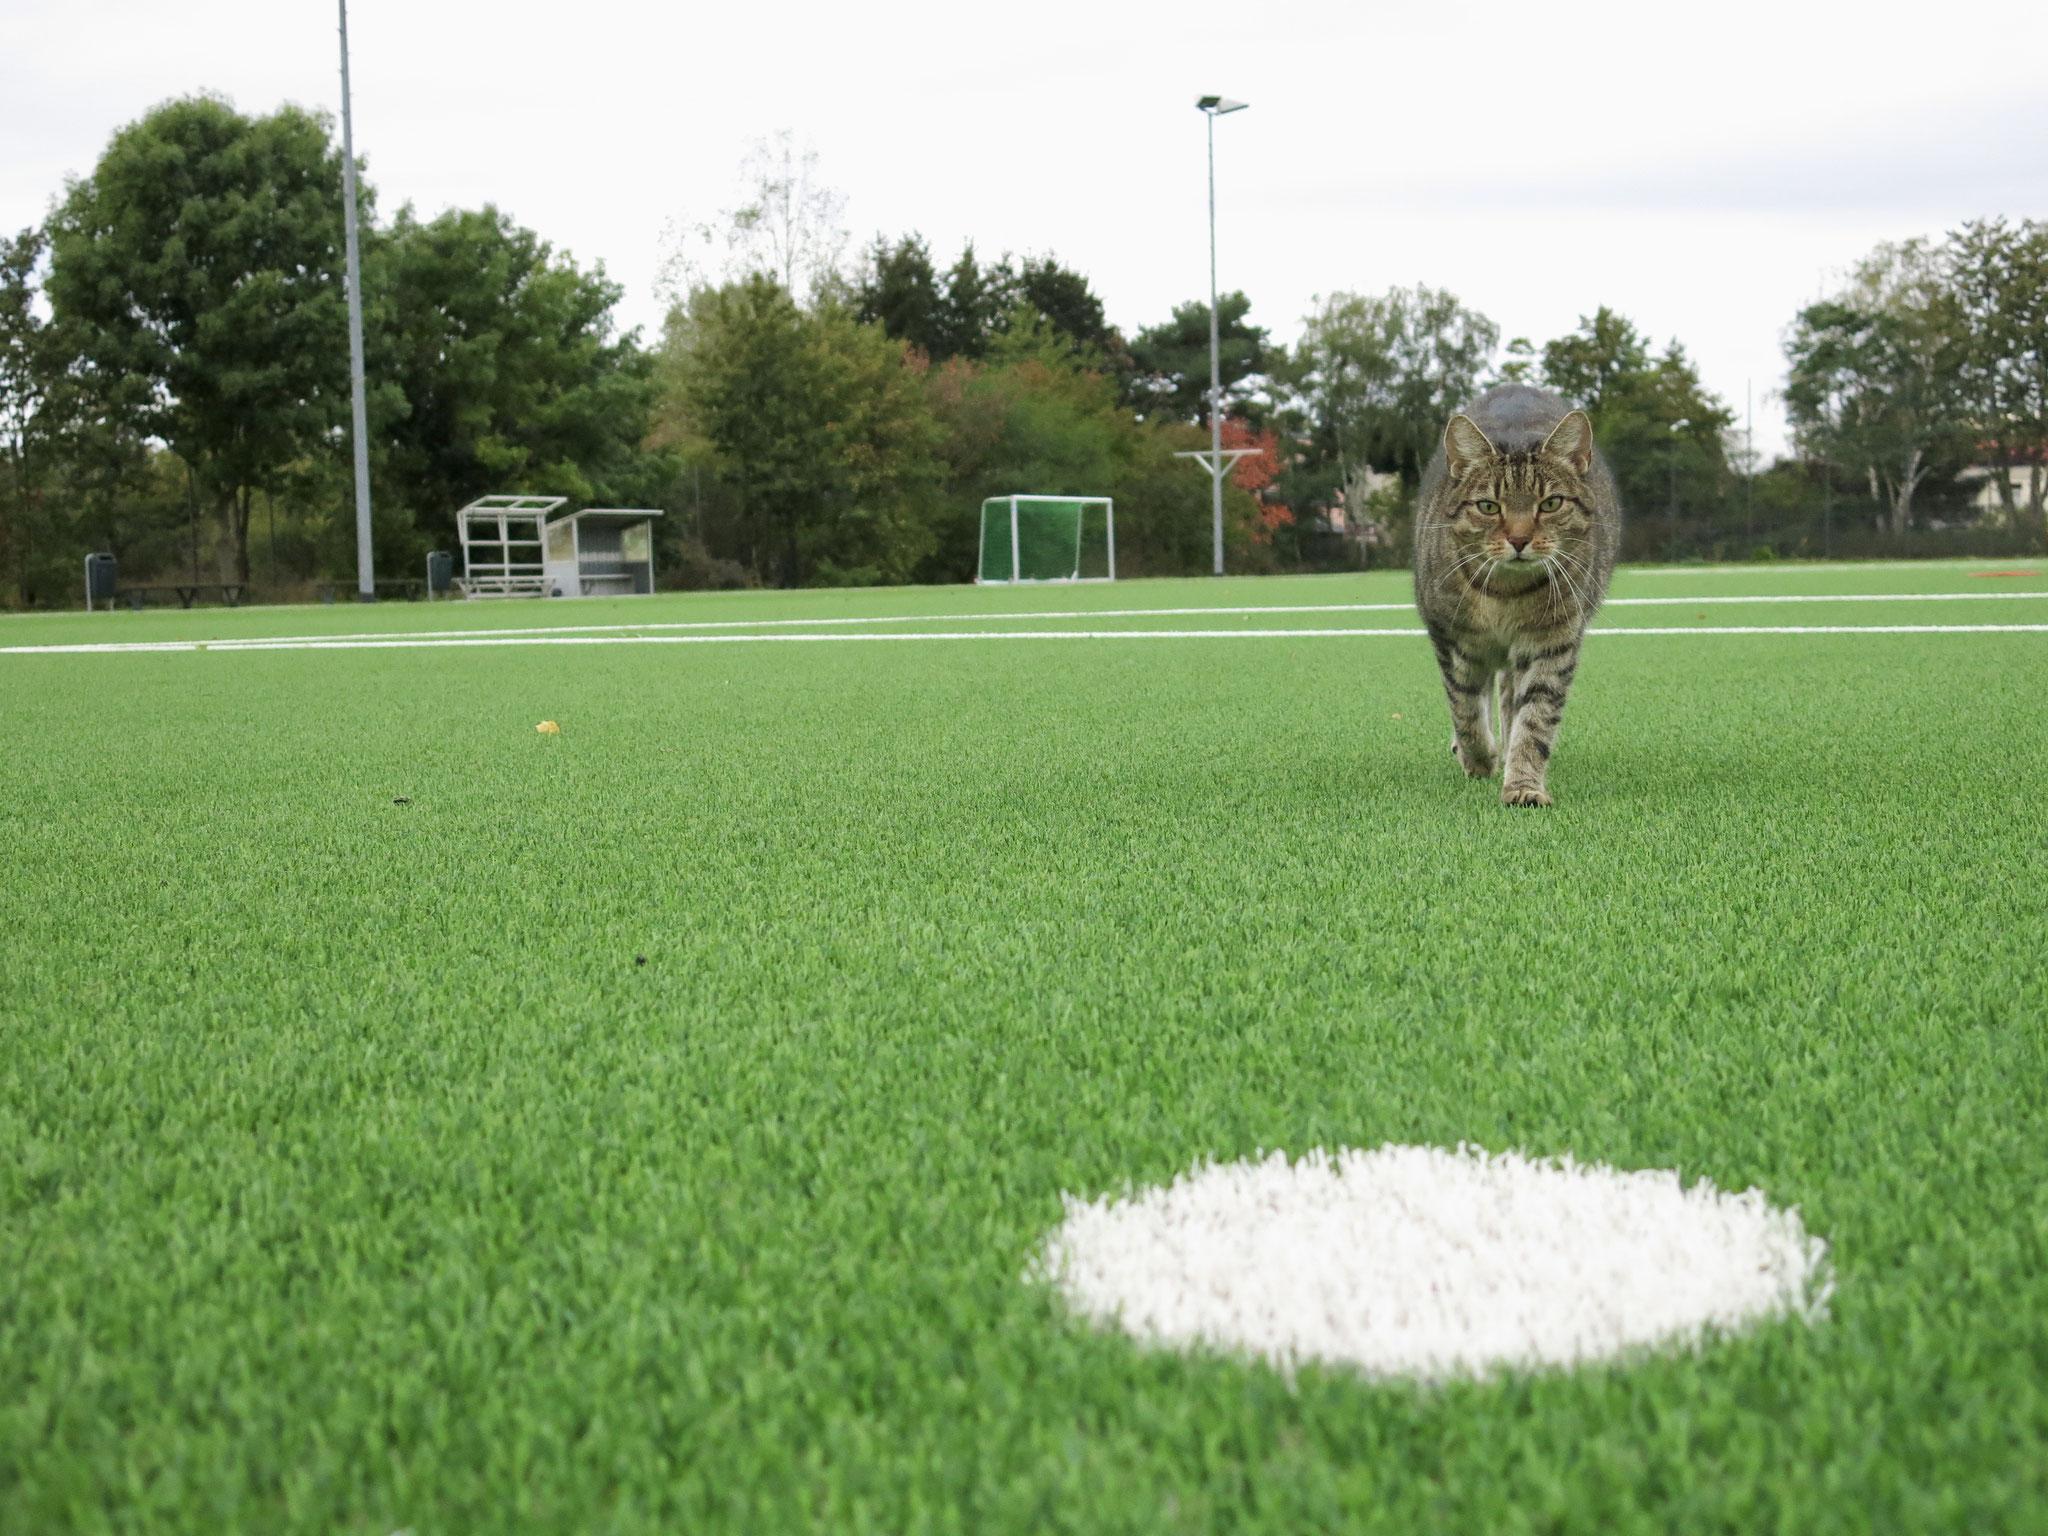 Auch Sportplatz-Kater Sternchen ließ es sich nicht nehmen, eine erste Runde auf dem grünen Teppich zu drehen.